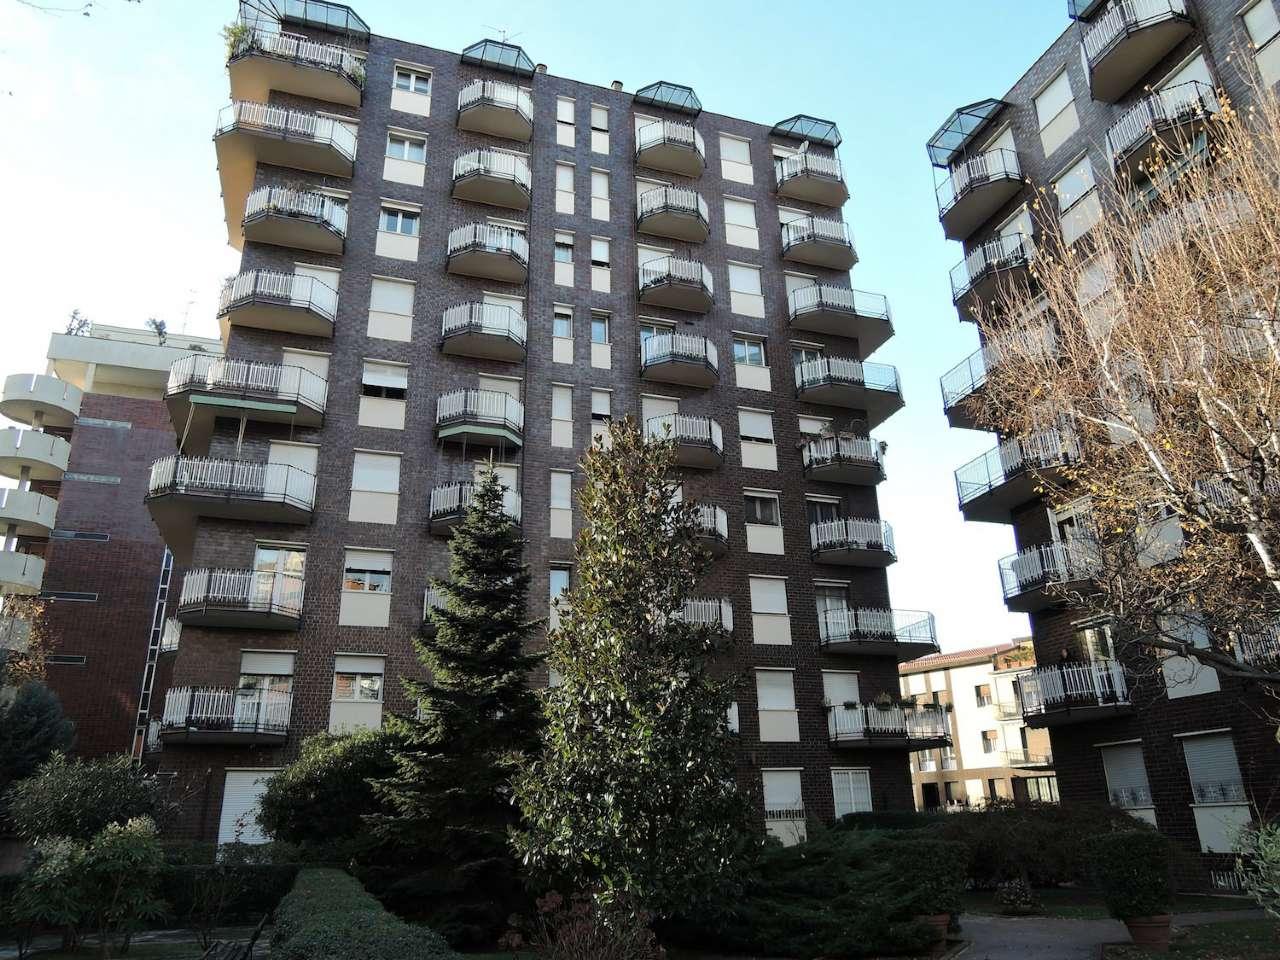 Appartamento in vendita a Milano, 3 locali, zona Zona: 11 . Barona, Giambellino, Lorenteggio, Famagosta, prezzo € 395.000   Cambio Casa.it